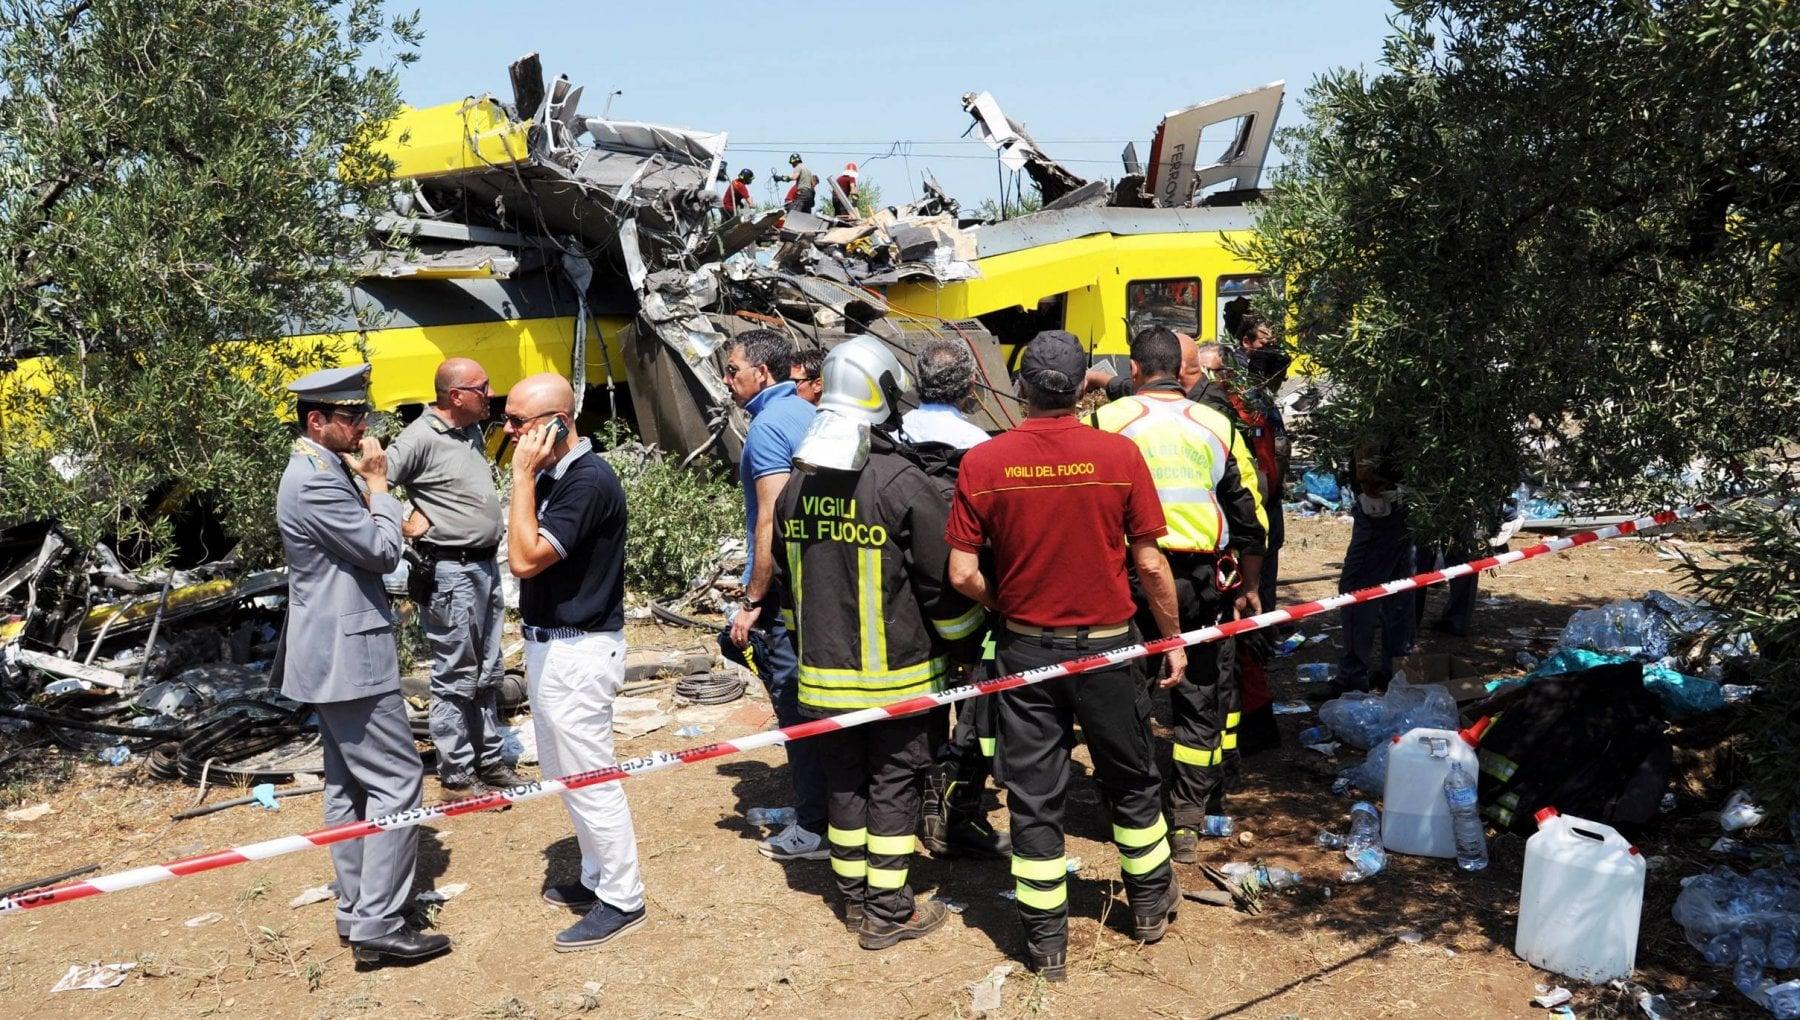 """123520155 807b6603 206b 44ad b23b 0b4c0a760427 - Puglia, 5 anni fa la strage dei treni. Spunta la prima telefonata al 118: """"Ragazzi, qui c'è una maxi emergenza"""". I soccorsi, il processo, la giustizia attesa"""